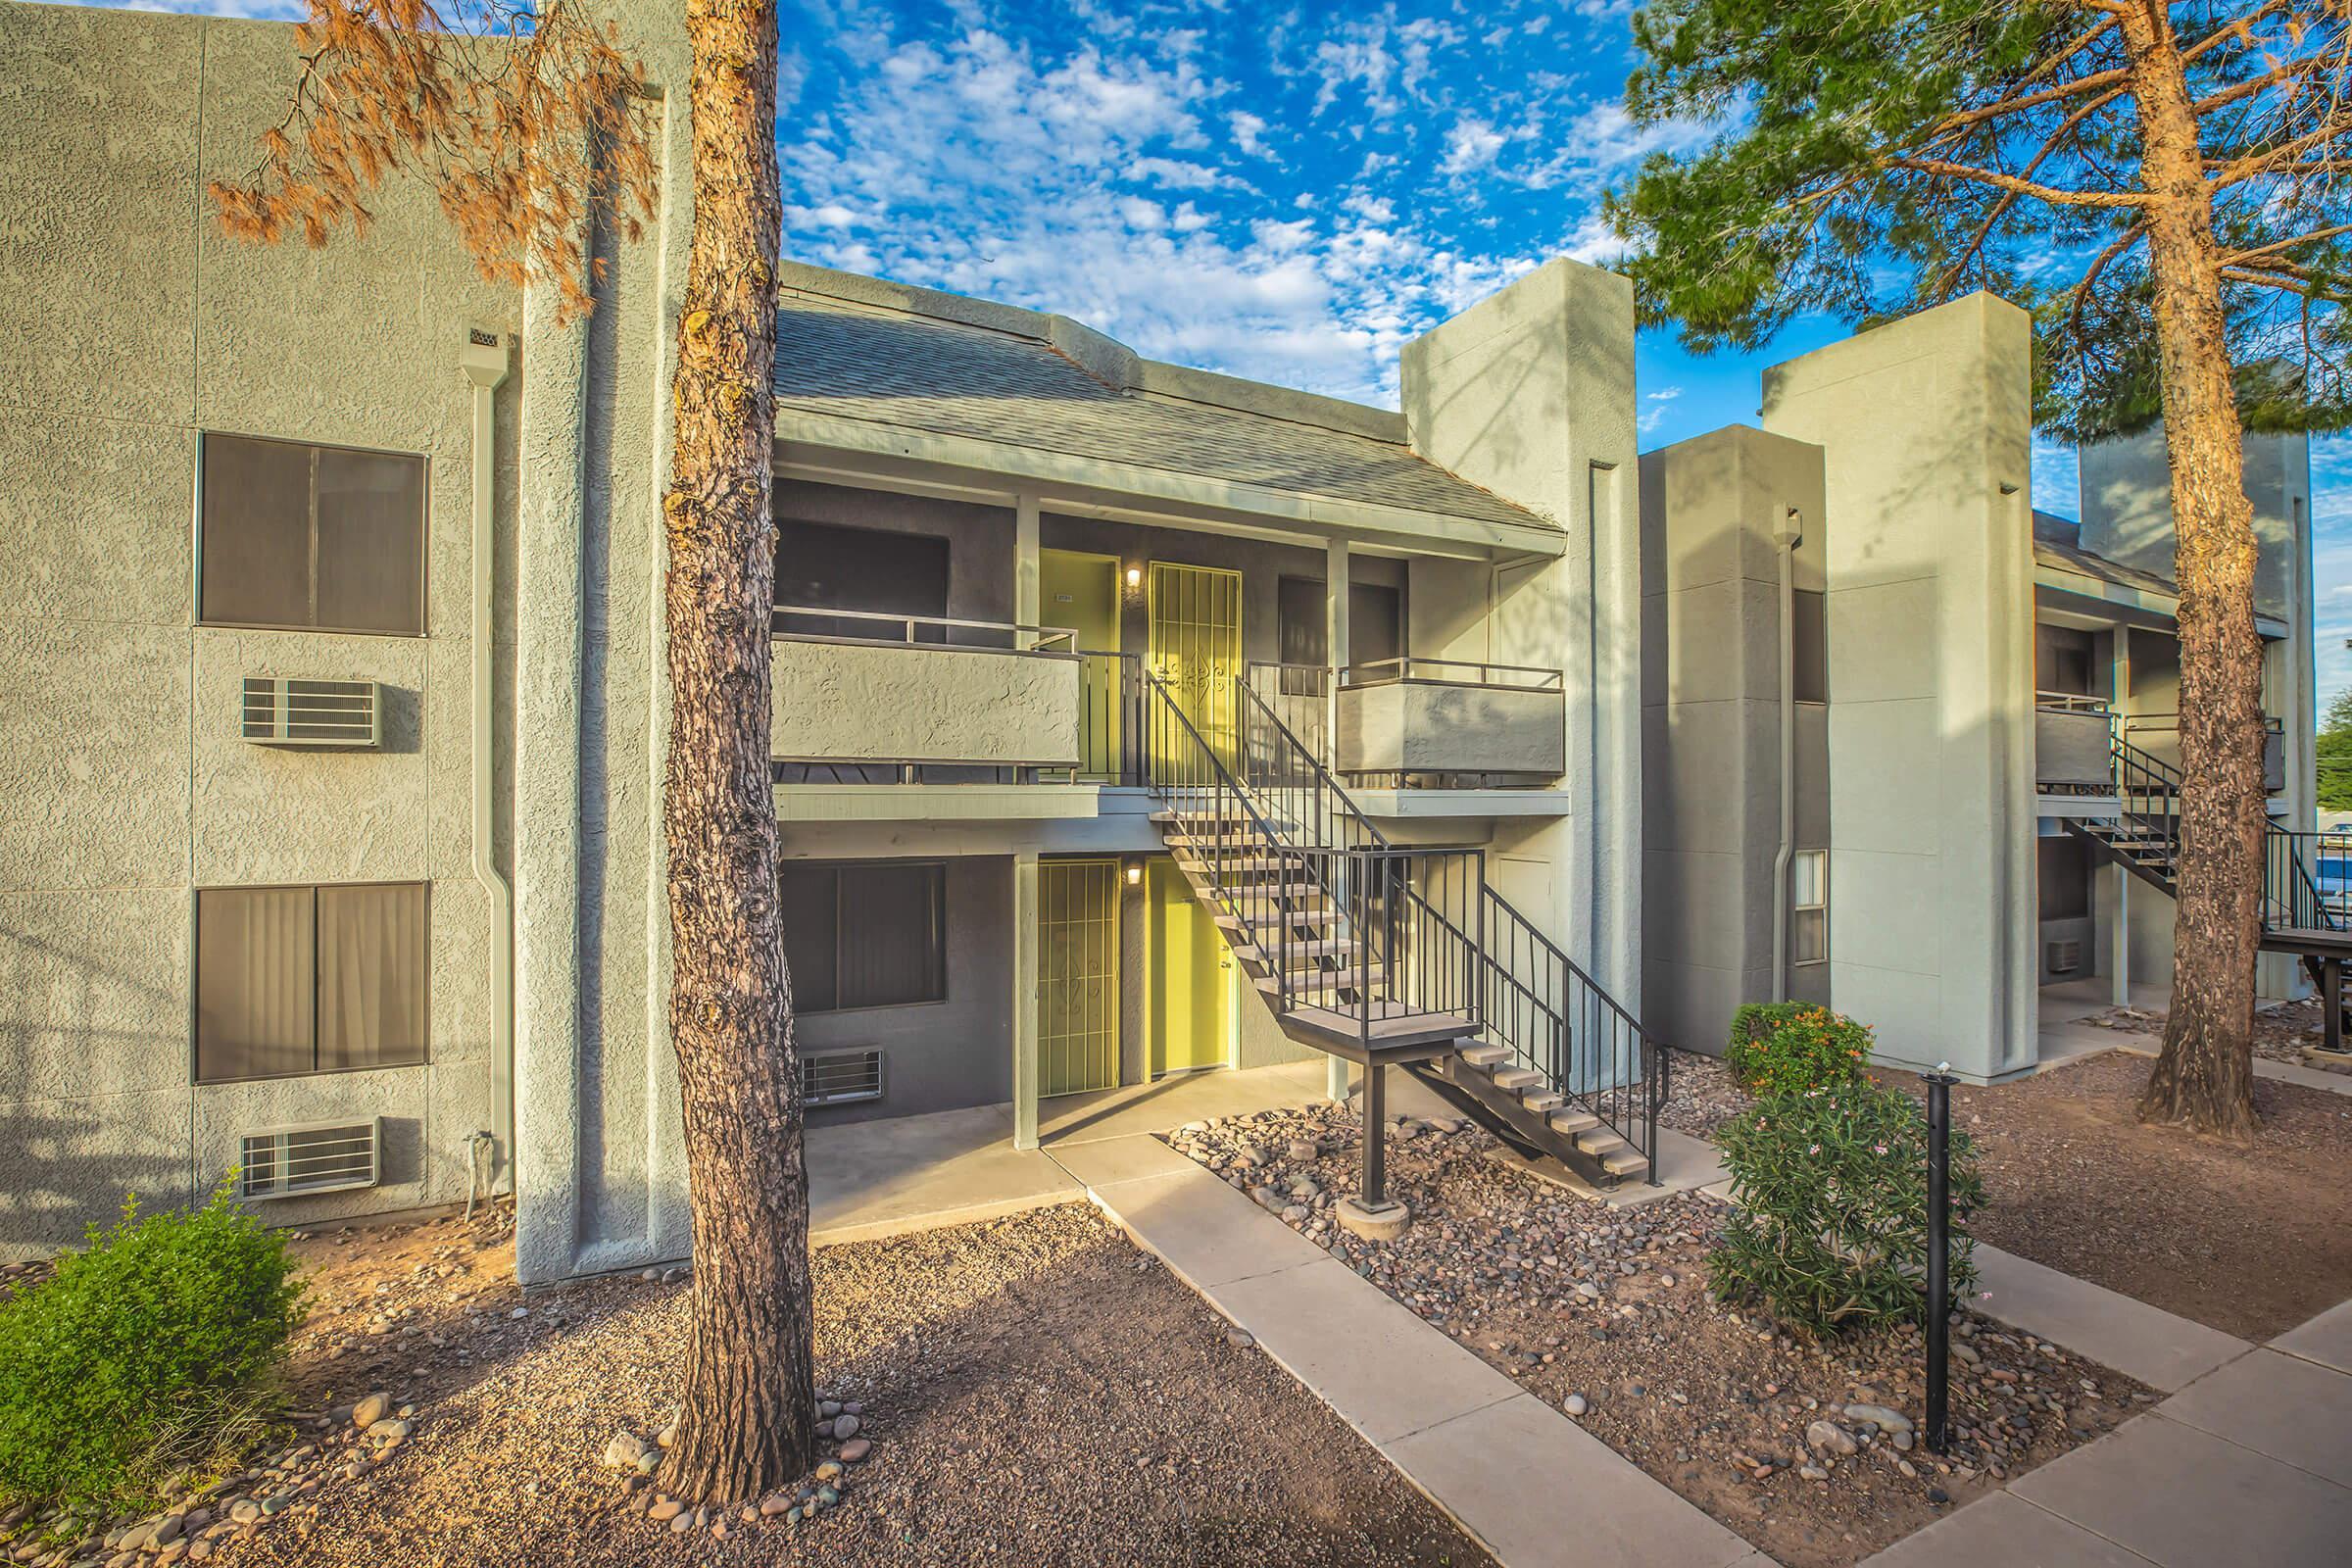 SAGE CANYON APARTMENTS IN TUCSON, AZ